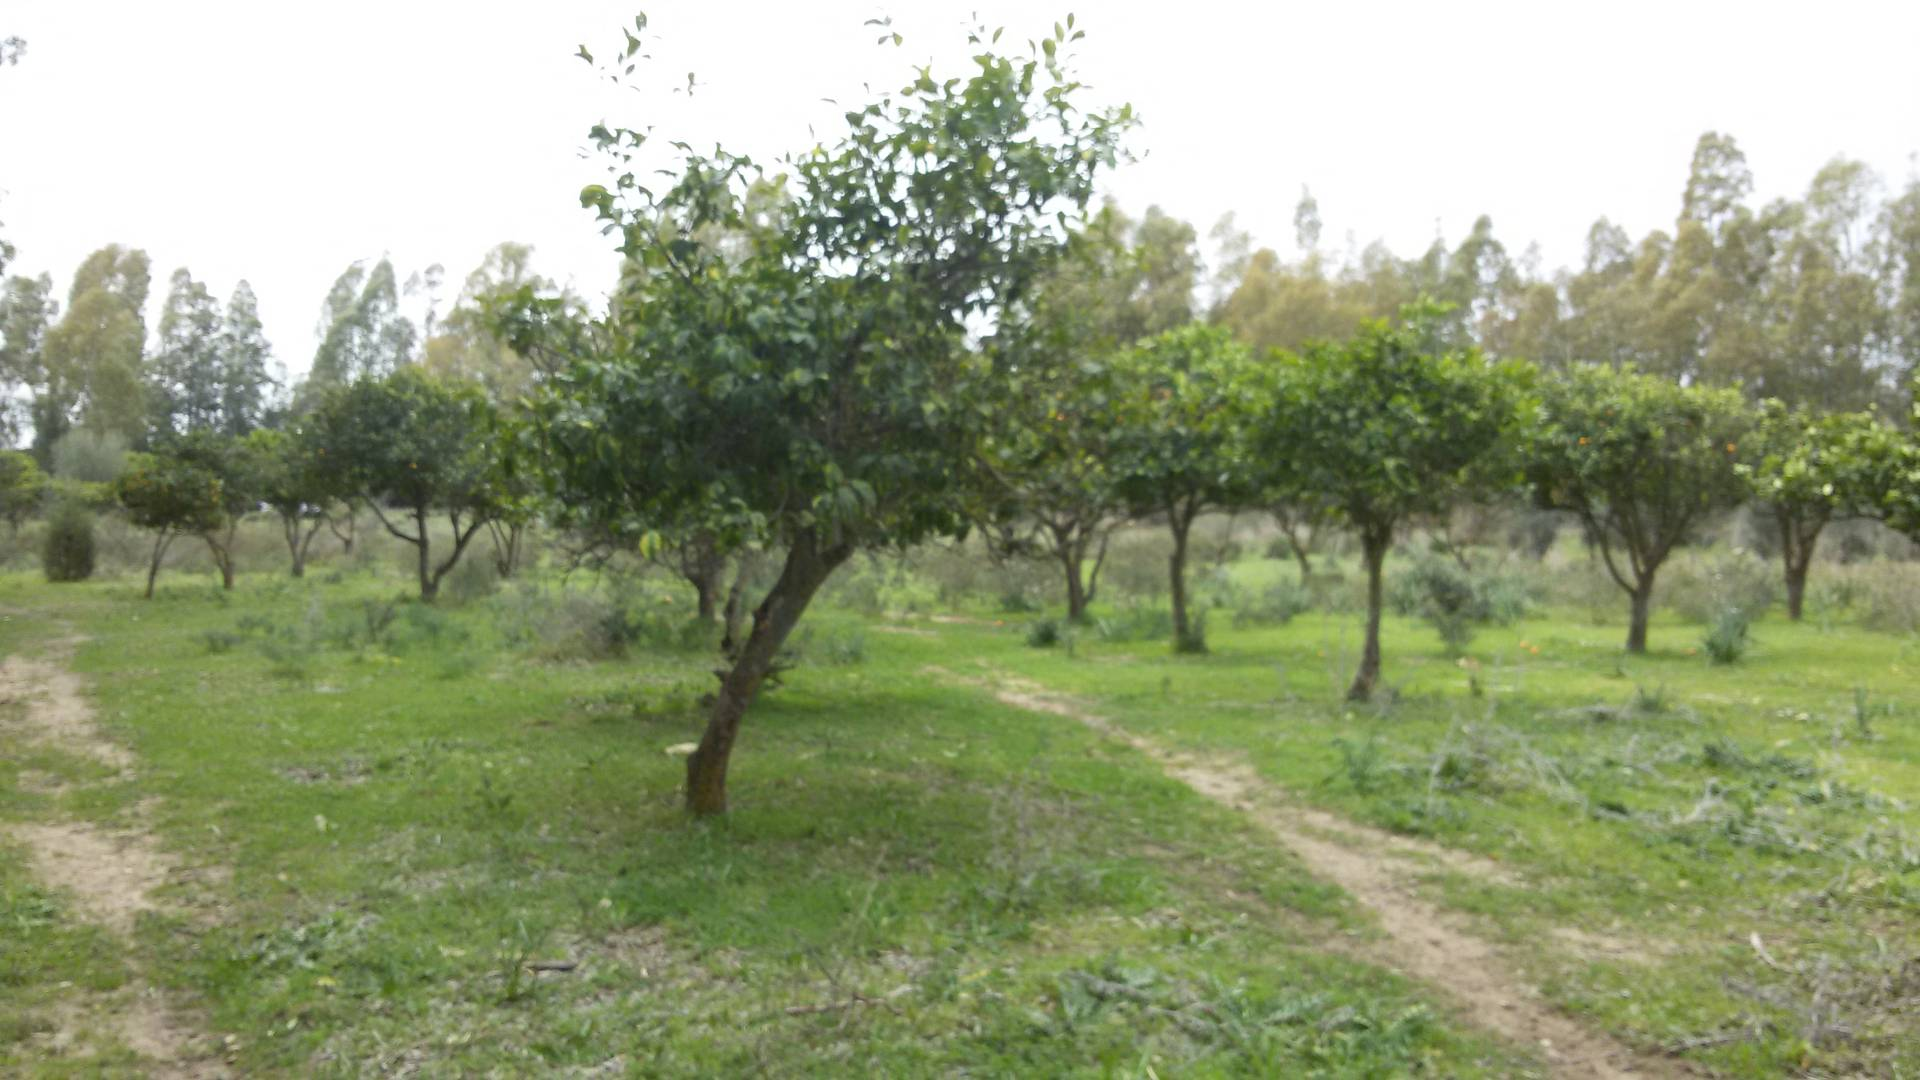 Terreno Agricolo in vendita a Quartucciu, 9999 locali, zona Località: S.Isidoro, prezzo € 132.000 | Cambio Casa.it